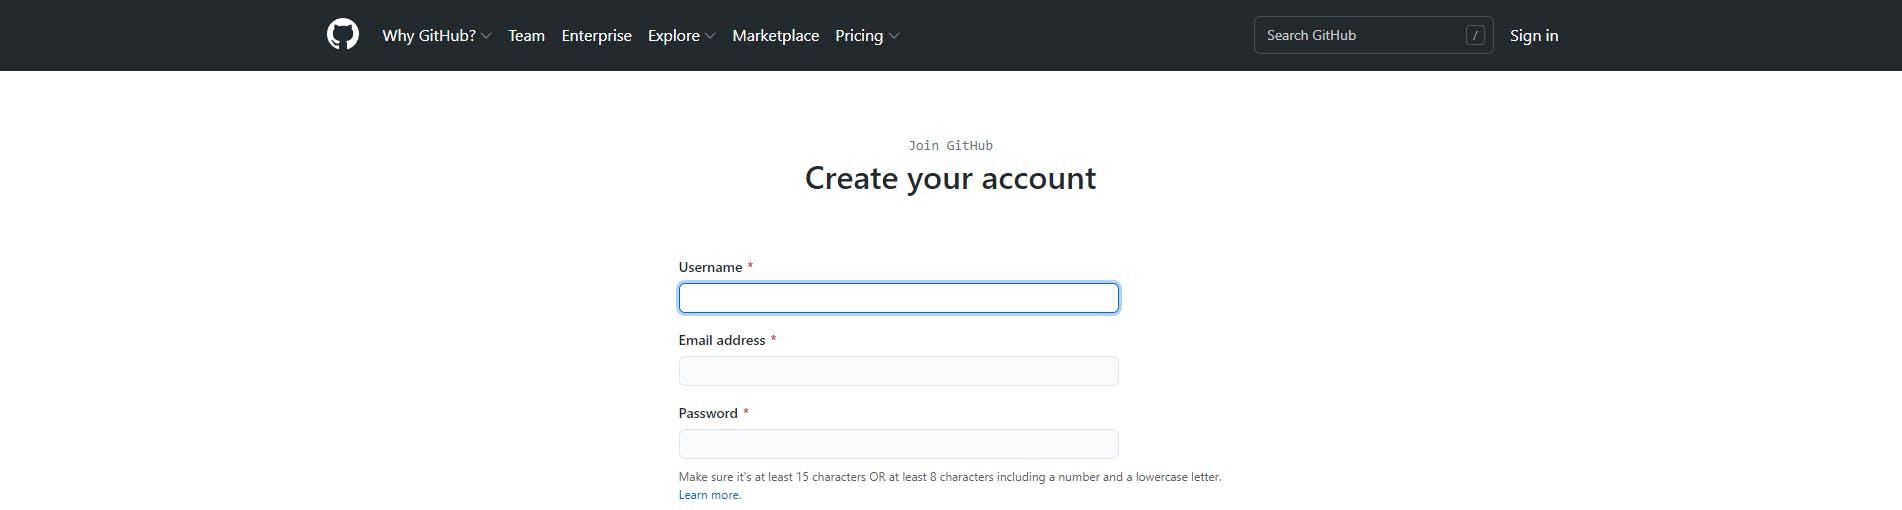 Creating a GitHub Account